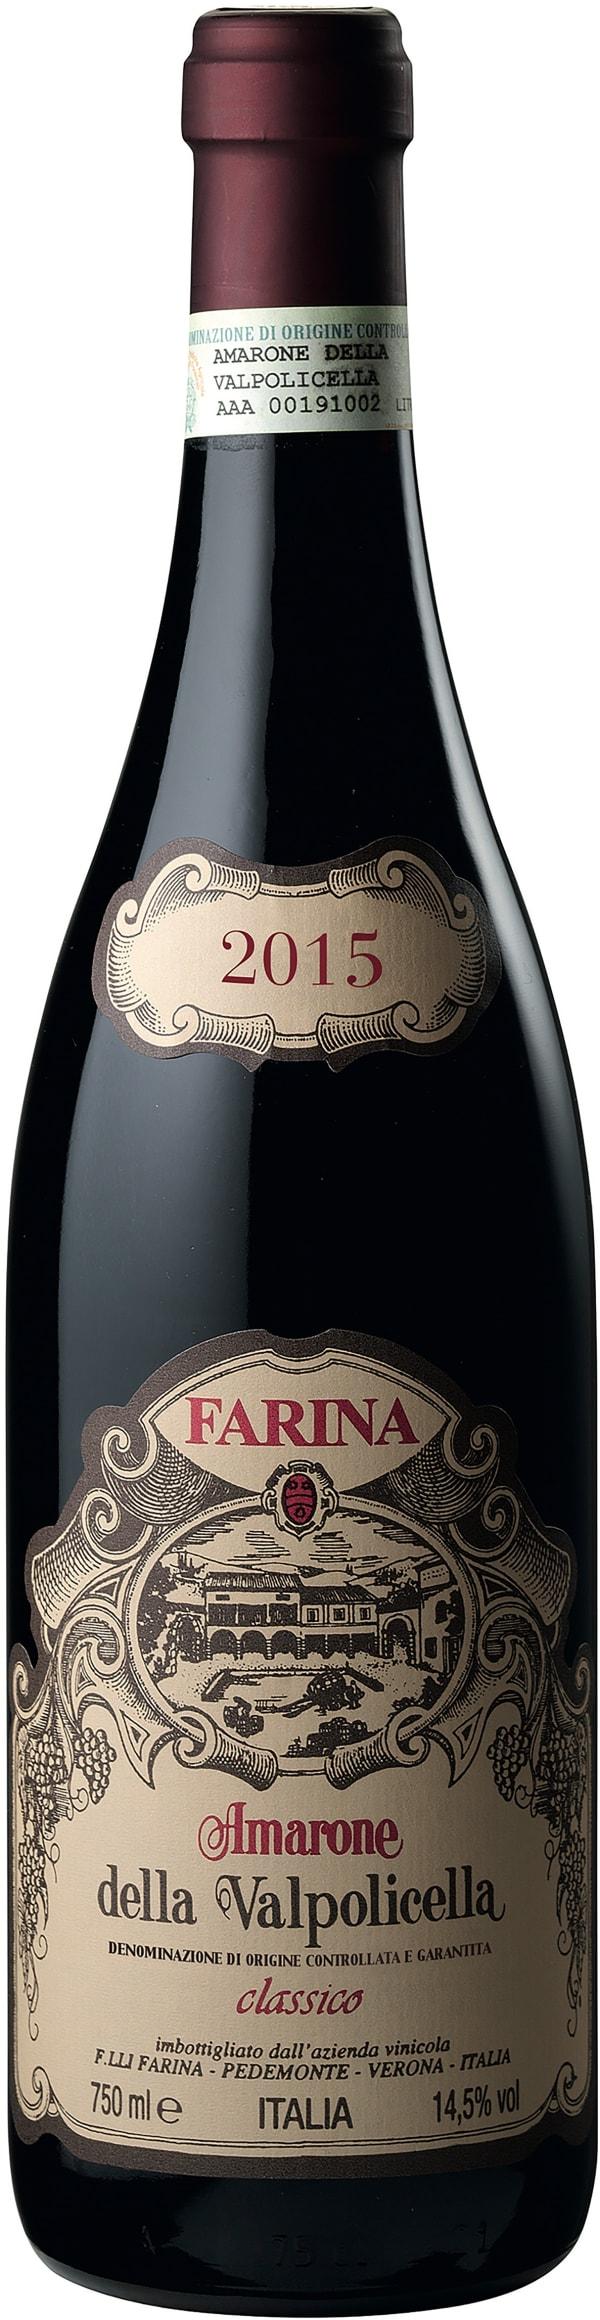 Farina Amarone della Valpolicella Classico 2016